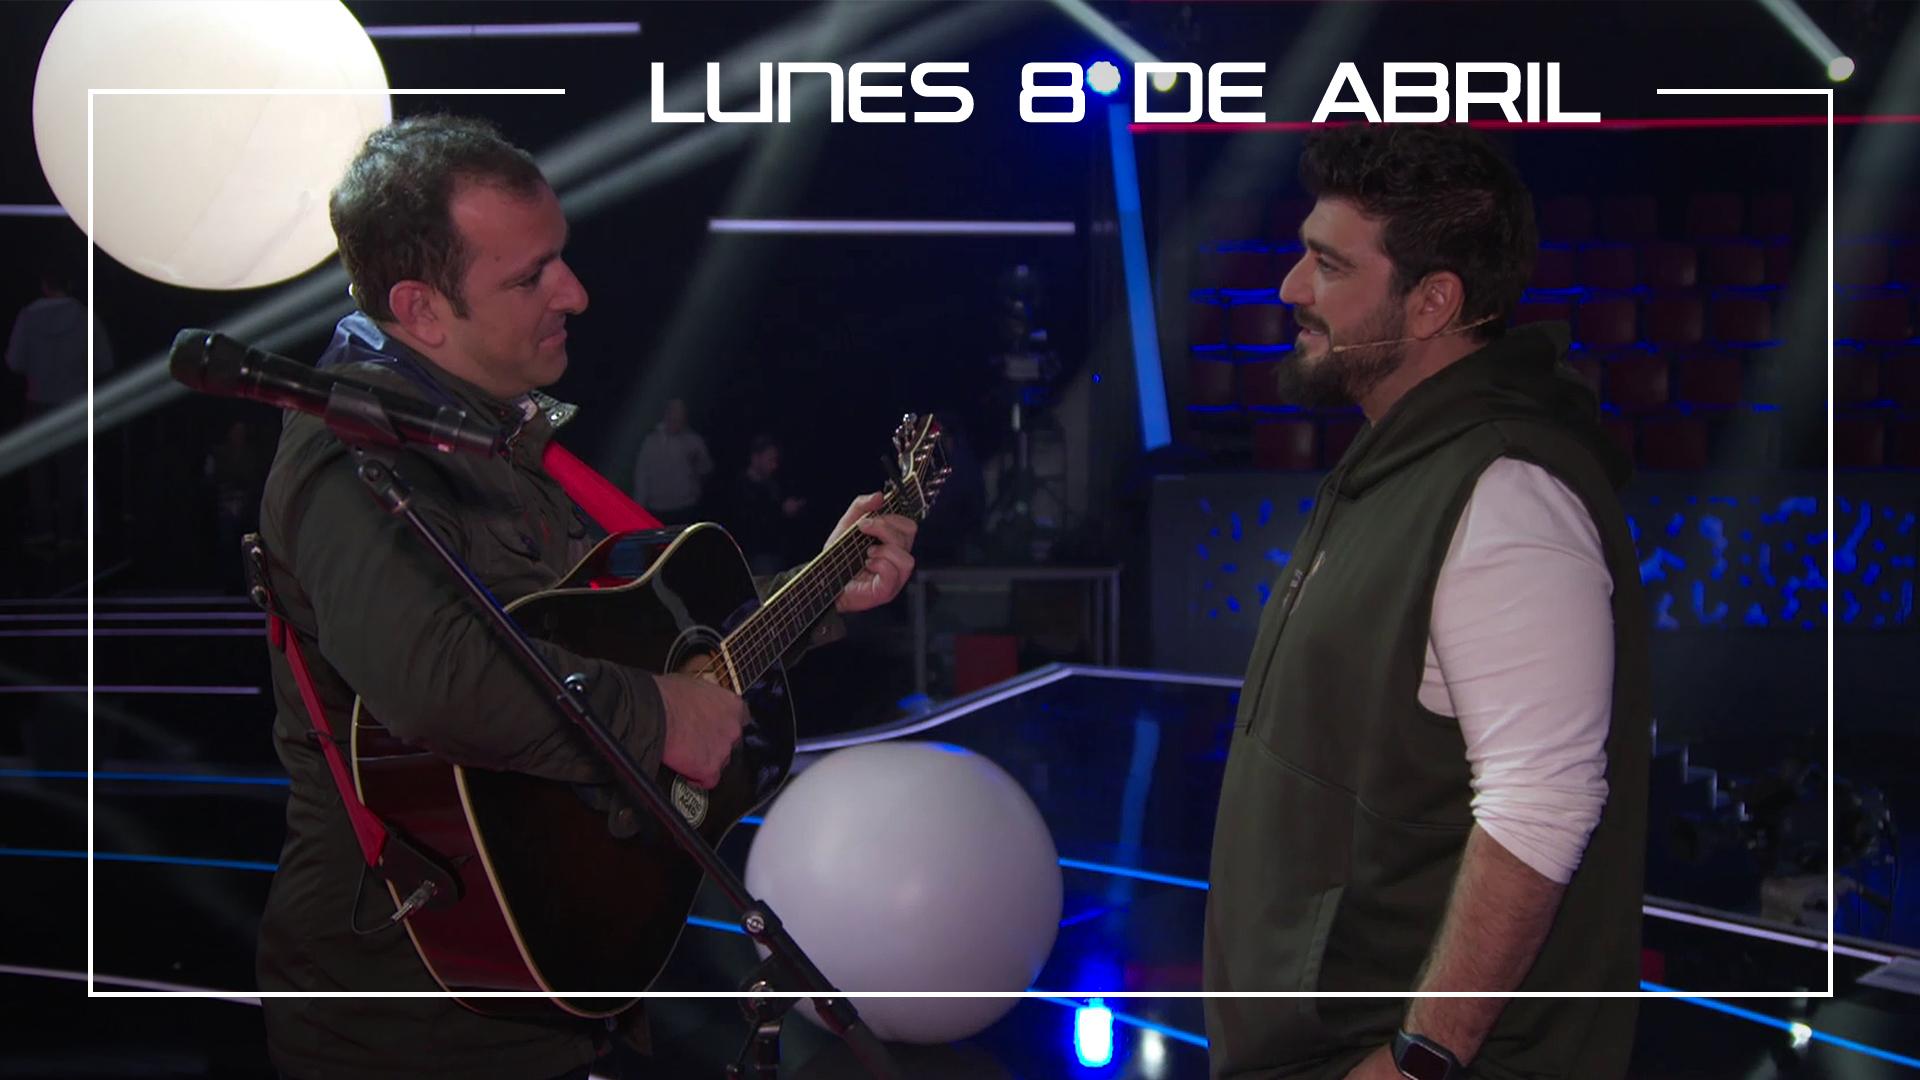 Lunes 8 de abril Javi Moya ensaya con Antonio Orozco en plató 'El sitio de mi recreo'